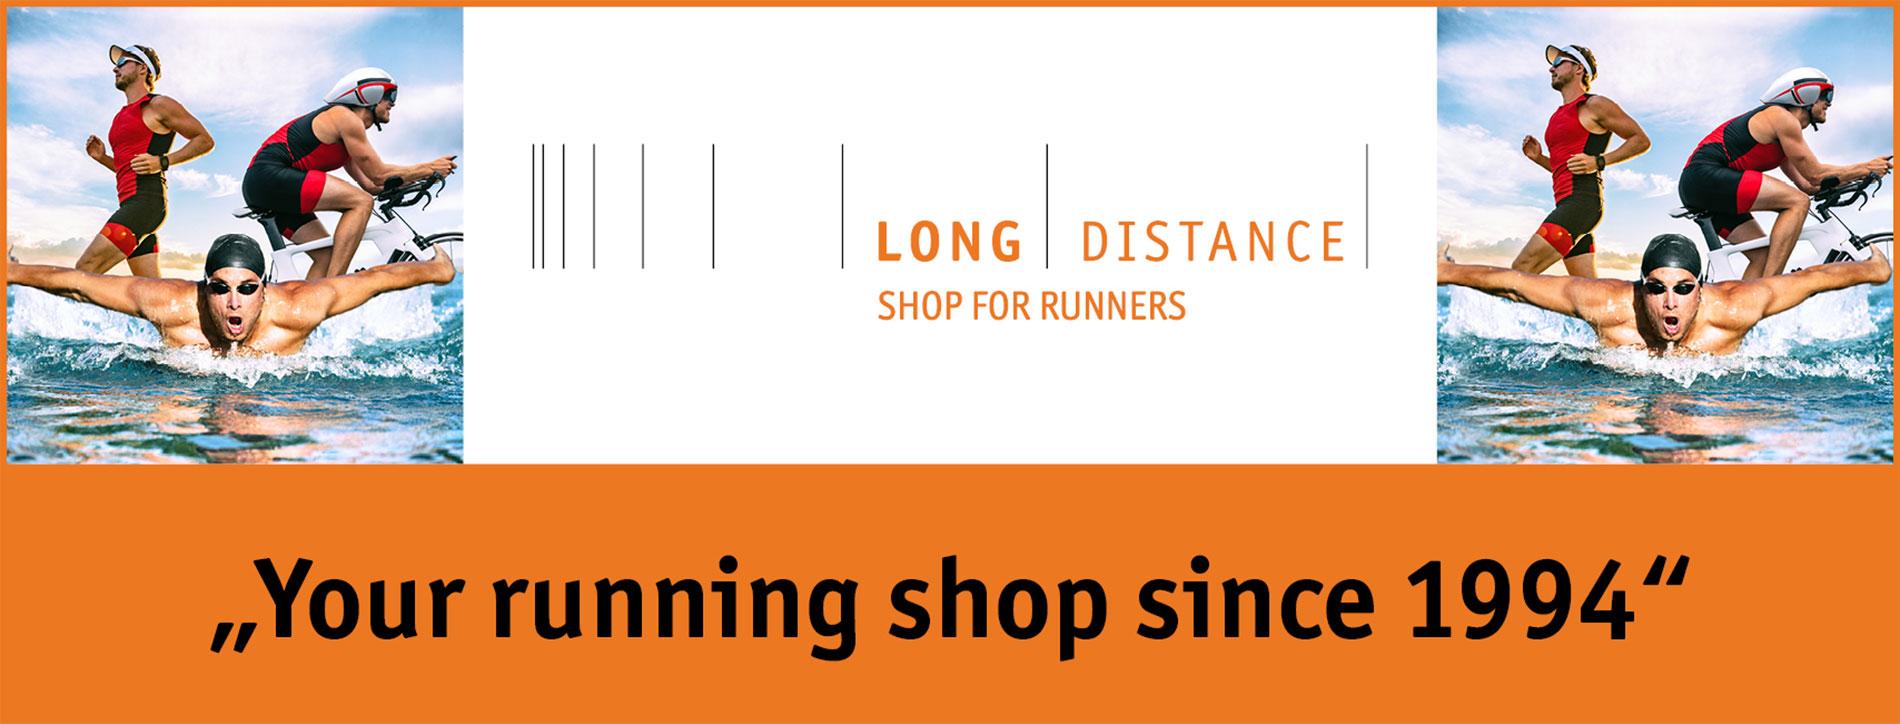 Long Distance Shop